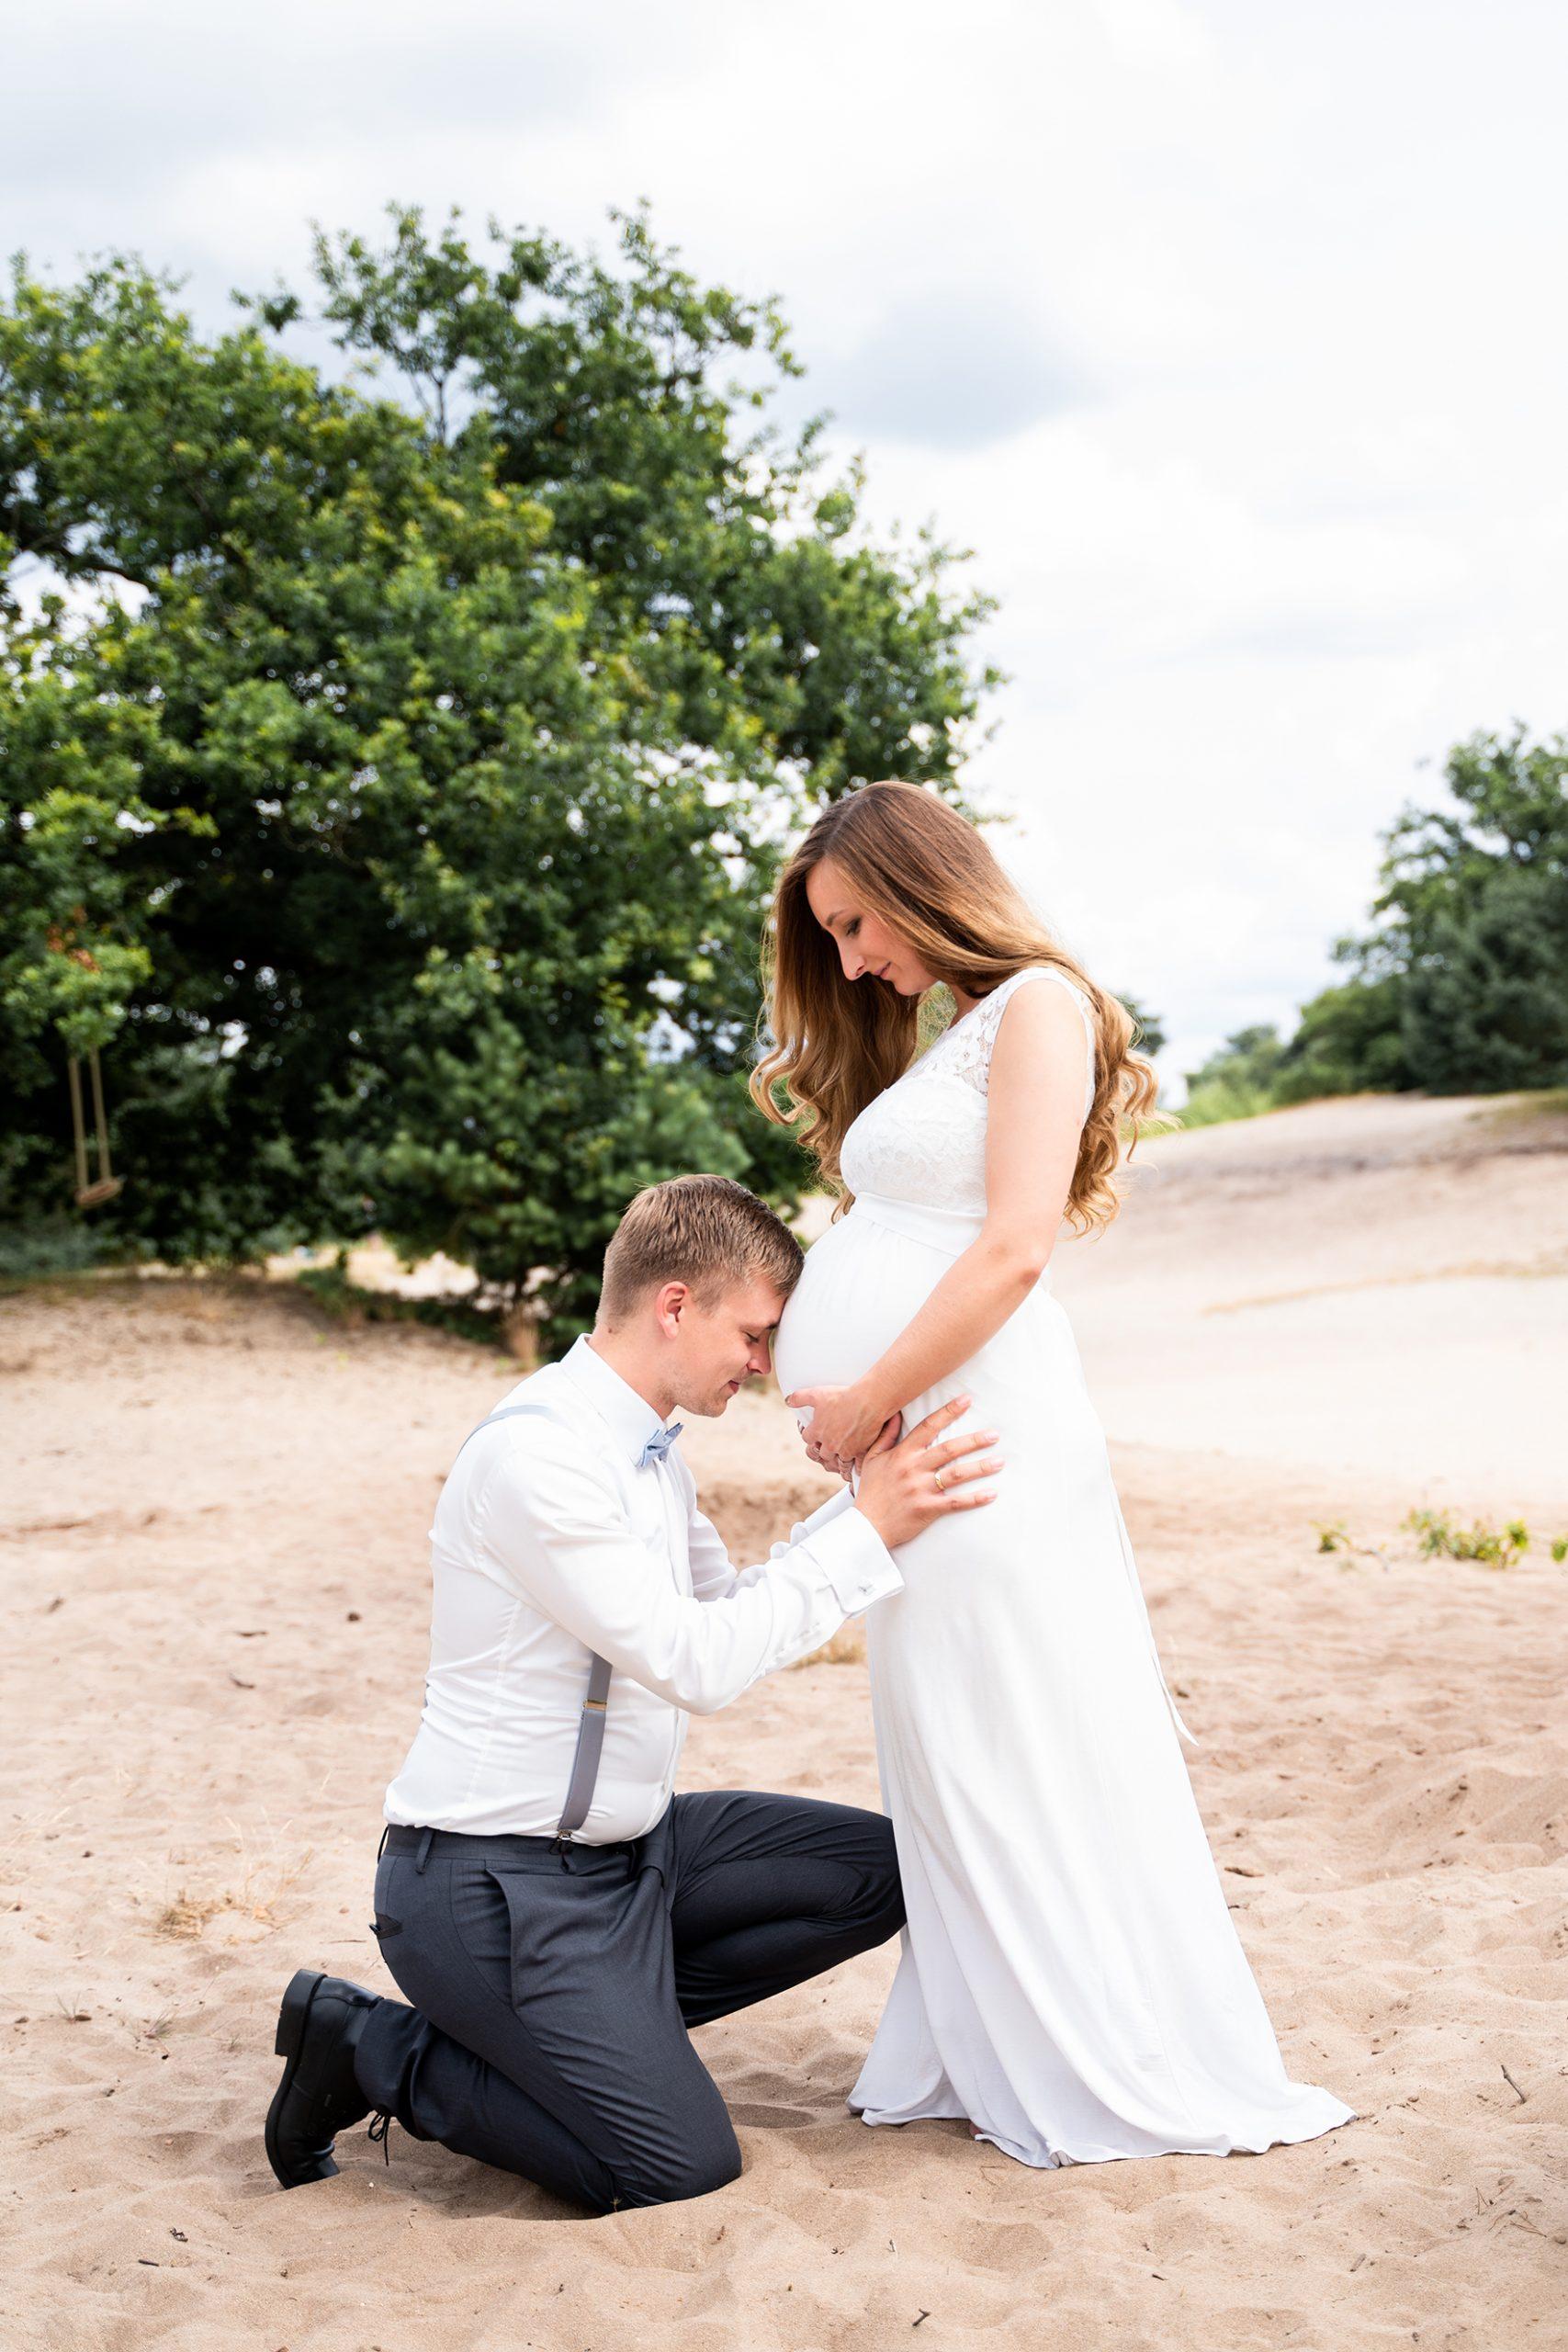 After Wedding Fotoshooting Hochzeitsfotos mit Babybauch